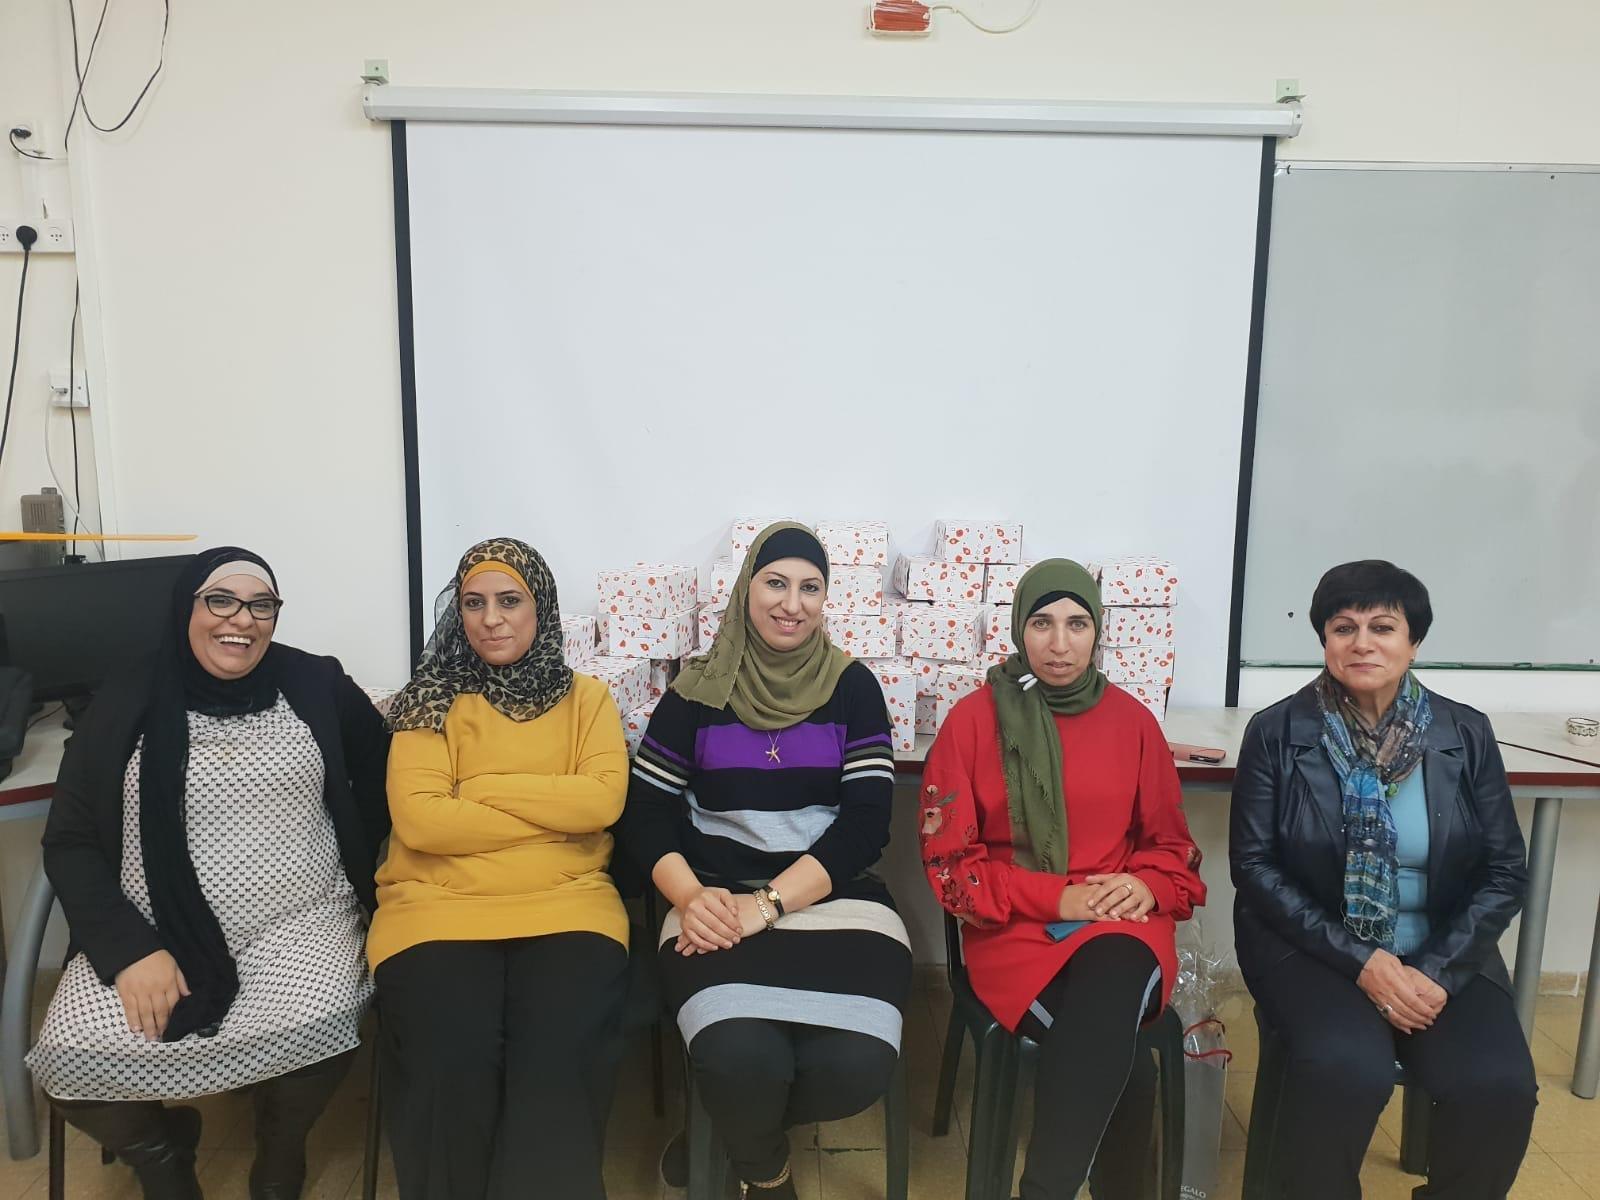 لجنة اولياء امور الطلاب في المدرسة الجماهيرية بير الامير -الناصرة تكرّم المعلم بمناسبة يوم المعلم